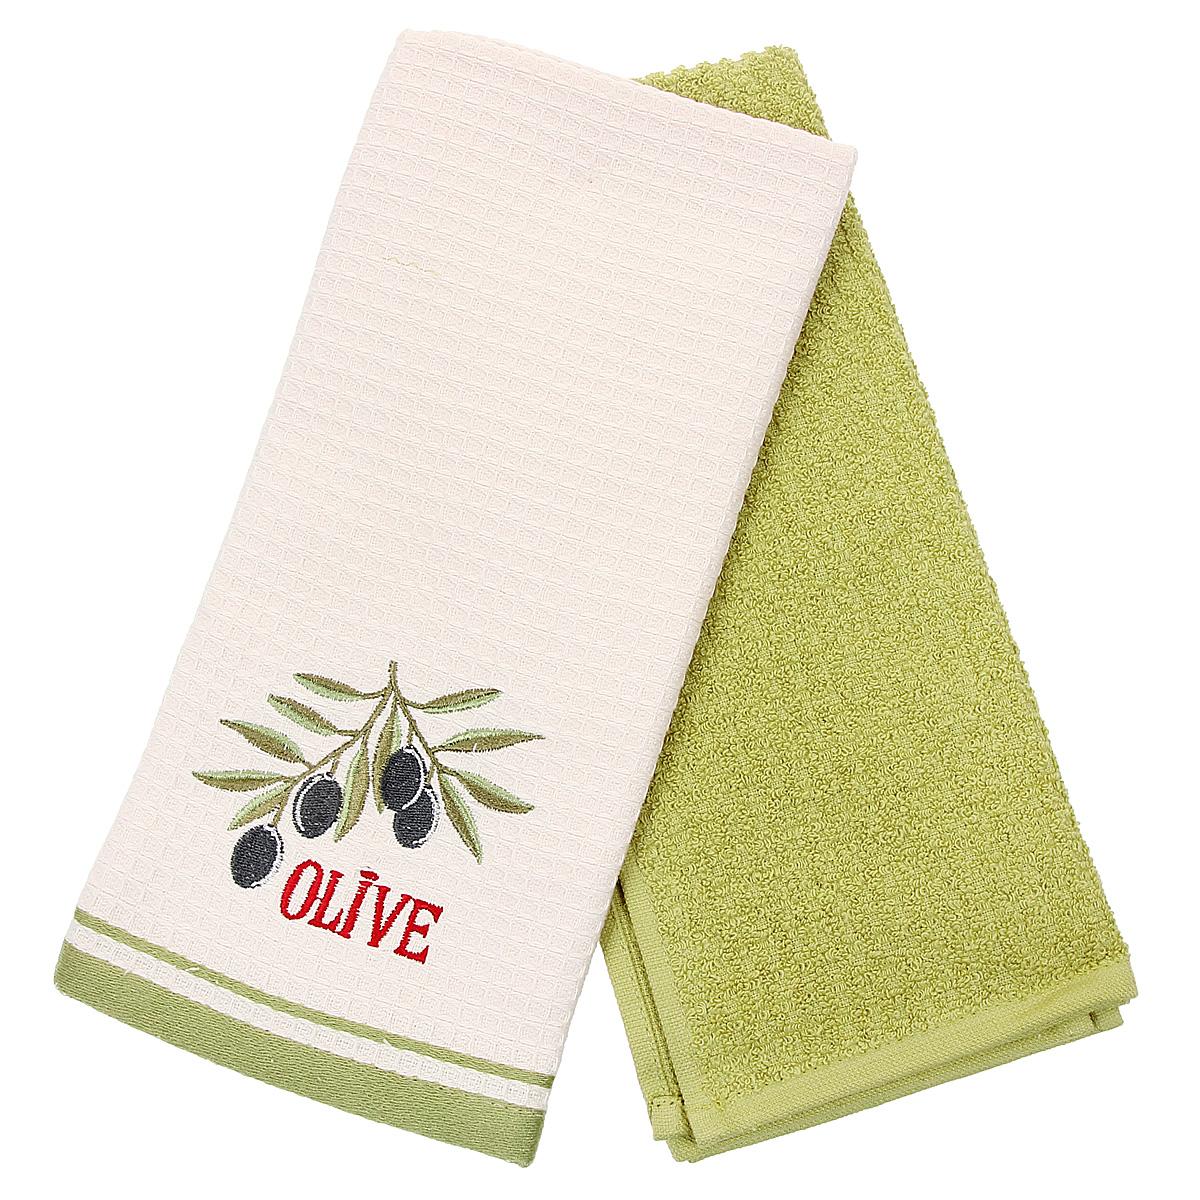 Набор кухонных полотенец Coronet Оливки, цвет: зеленый, бежевый, 40 х 60 см, 2 штК-МП-5010-05-09-01Набор Coronet Оливки состоит из двух прямоугольных полотенец: вафельного полотенца бежевого цвета с вышивкой в виде веточки с оливками и махрового полотенца зеленого цвета. Высочайшее качество материала гарантирует безопасность не только взрослых, но и самых маленьких членов семьи. Кухонные полотенца Coronet практичны и долговечны. Прекрасно впитывают влагу. Эти свойства изделия из натурального хлопка не теряют на протяжении многих лет. Хлопчатобумажные изделия выдерживают многочисленные стирки при высоких температурах. Такой набор идеально дополнит интерьер вашей кухни и создаст атмосферу уюта и комфорта. Coronet предлагает коллекции готовых стилистических решений для различной кухонной мебели, множество видов, рисунков и цветов. Вам легко будет создать нужную атмосферу на кухне и в столовой. Рекомендации по уходу: - стирать при температуре 40°С, - чистка с использованием углеводорода, хлорного этилена, монофлотрихлометана, - нельзя...